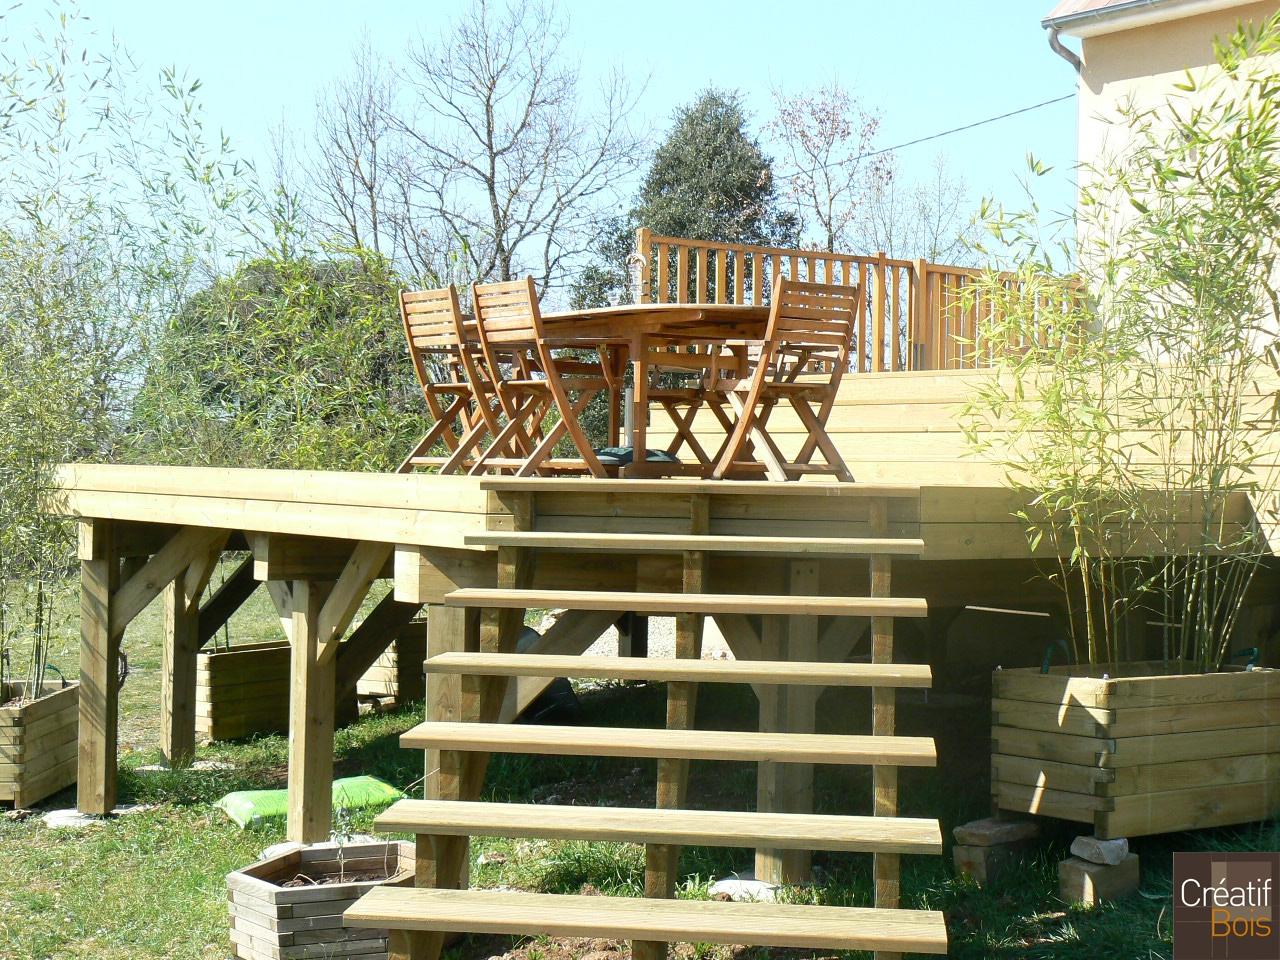 Terrasse bois en hauteur avec escalier d acc s chasteaux corr ze 19 r alisa - Terrasse avec escalier ...